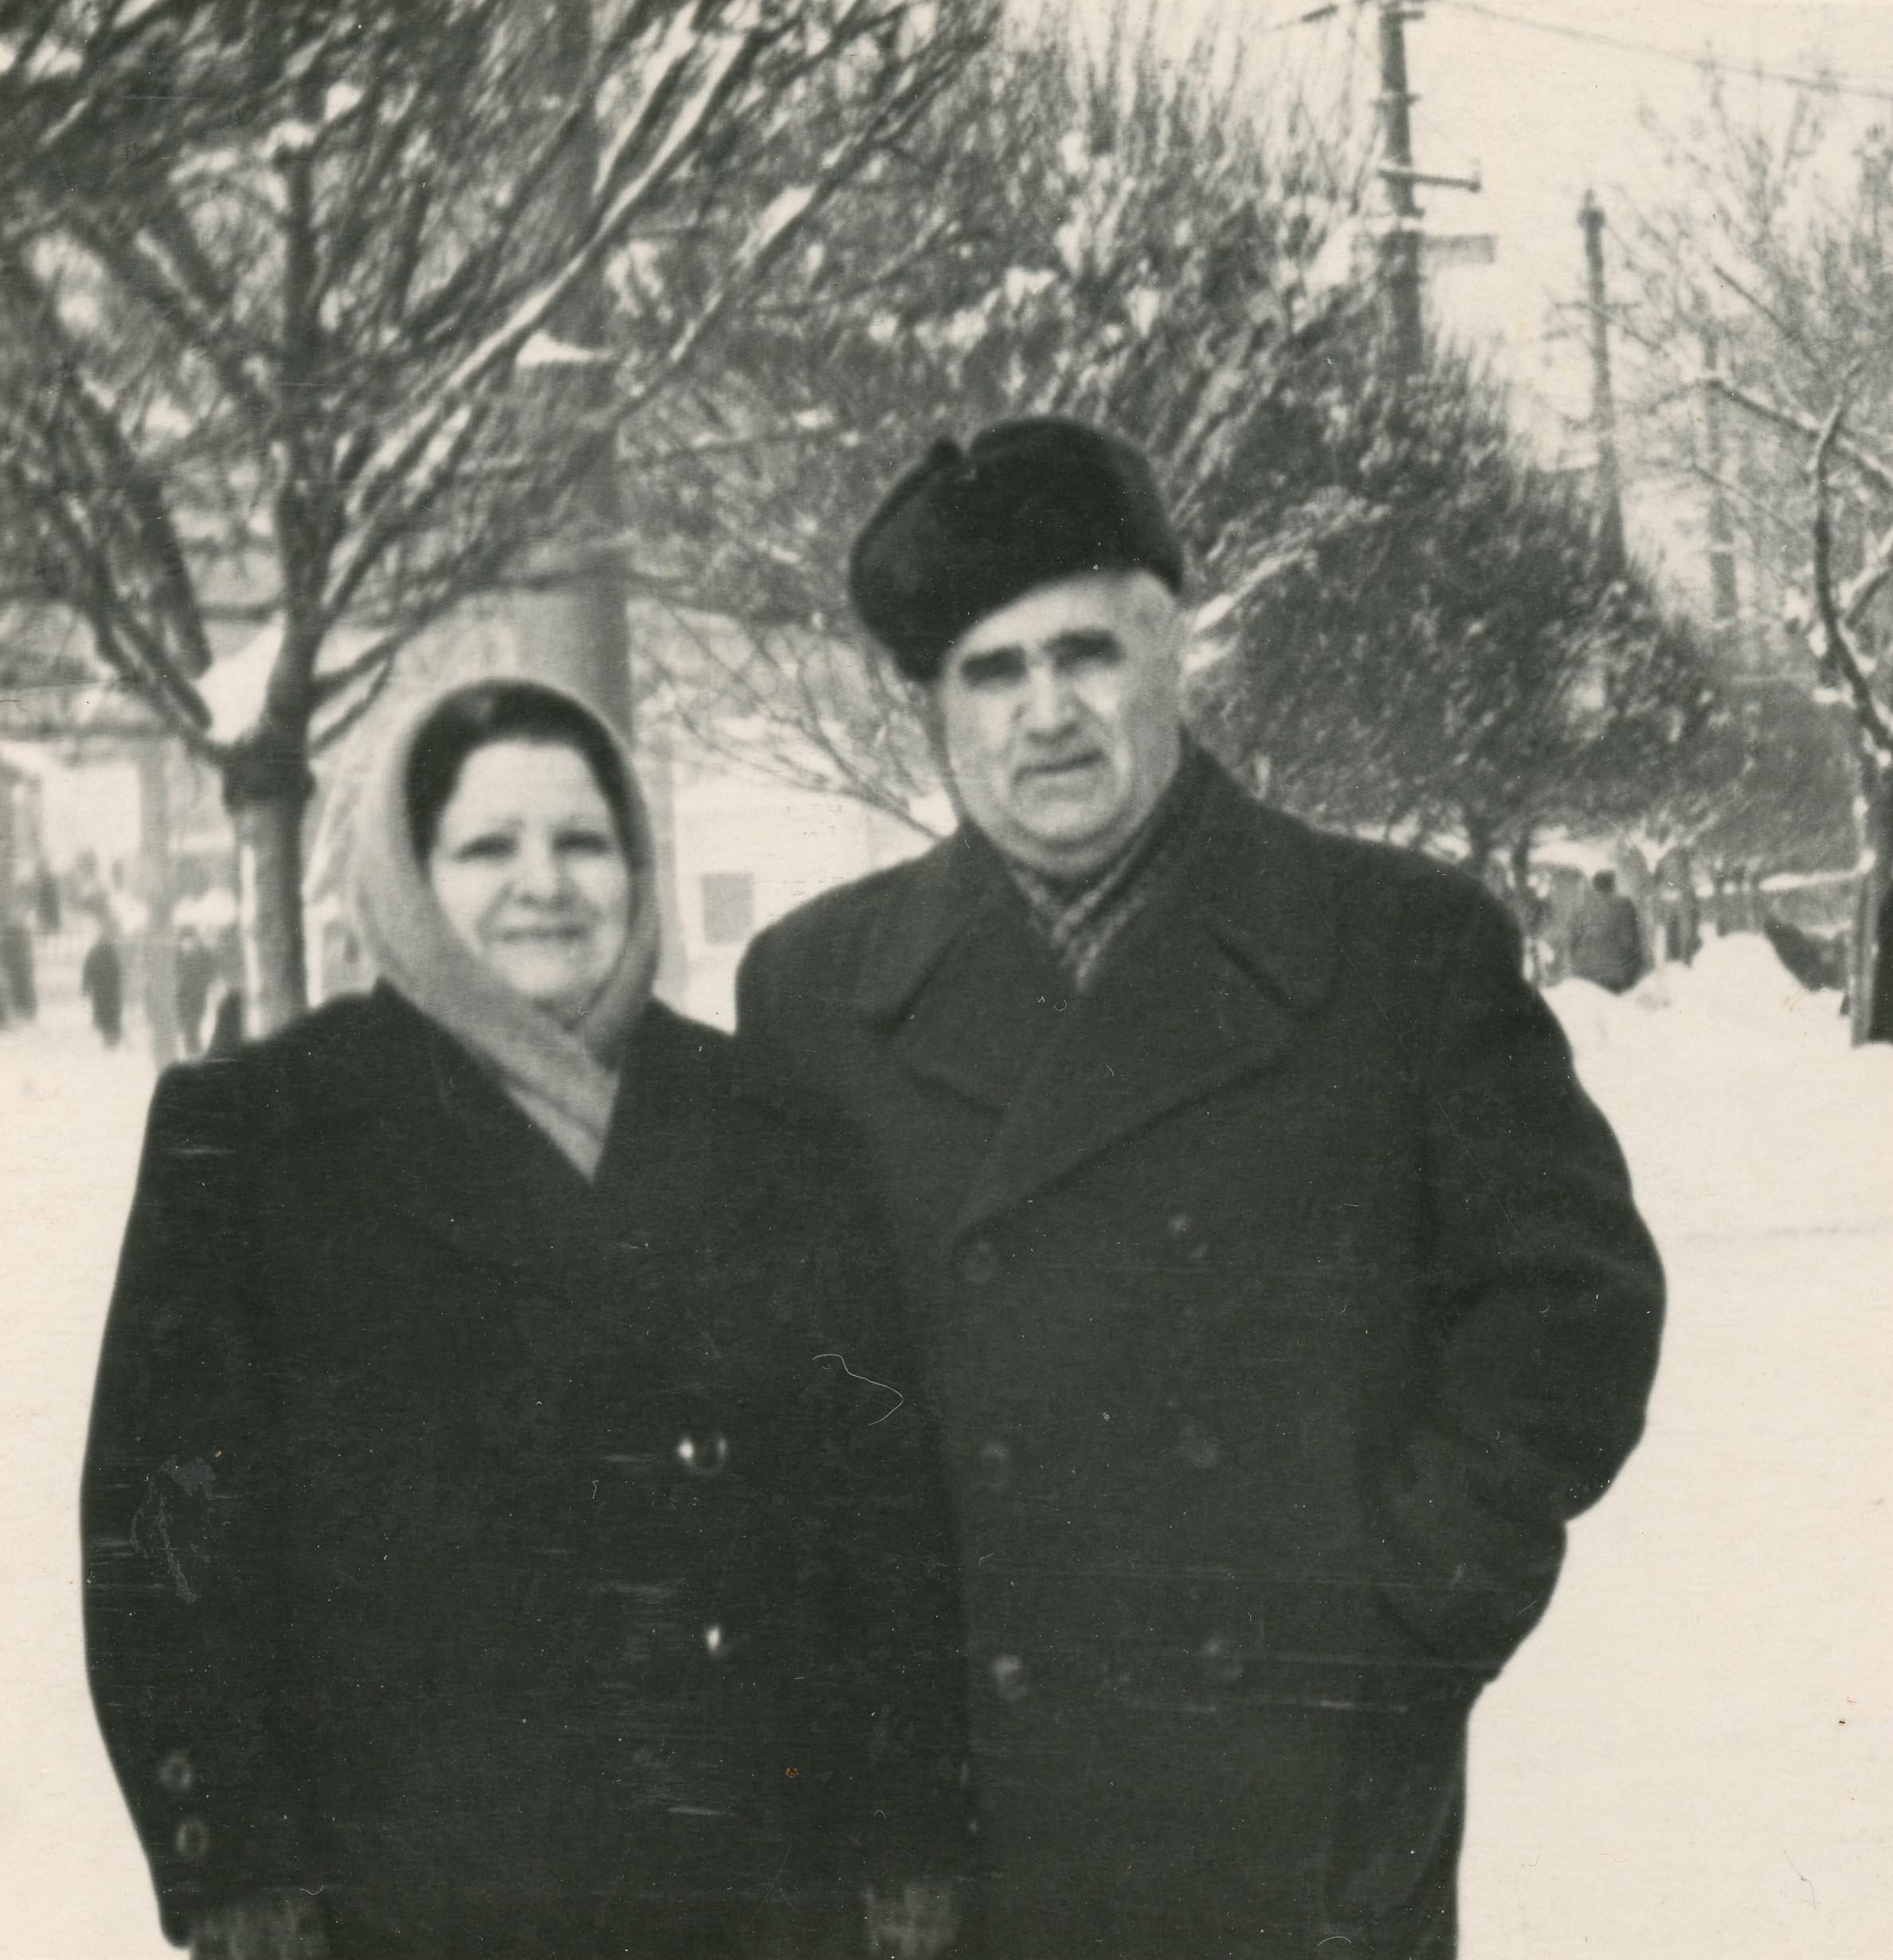 Peña con su esposa. Cortesía de Lev Krylenkov